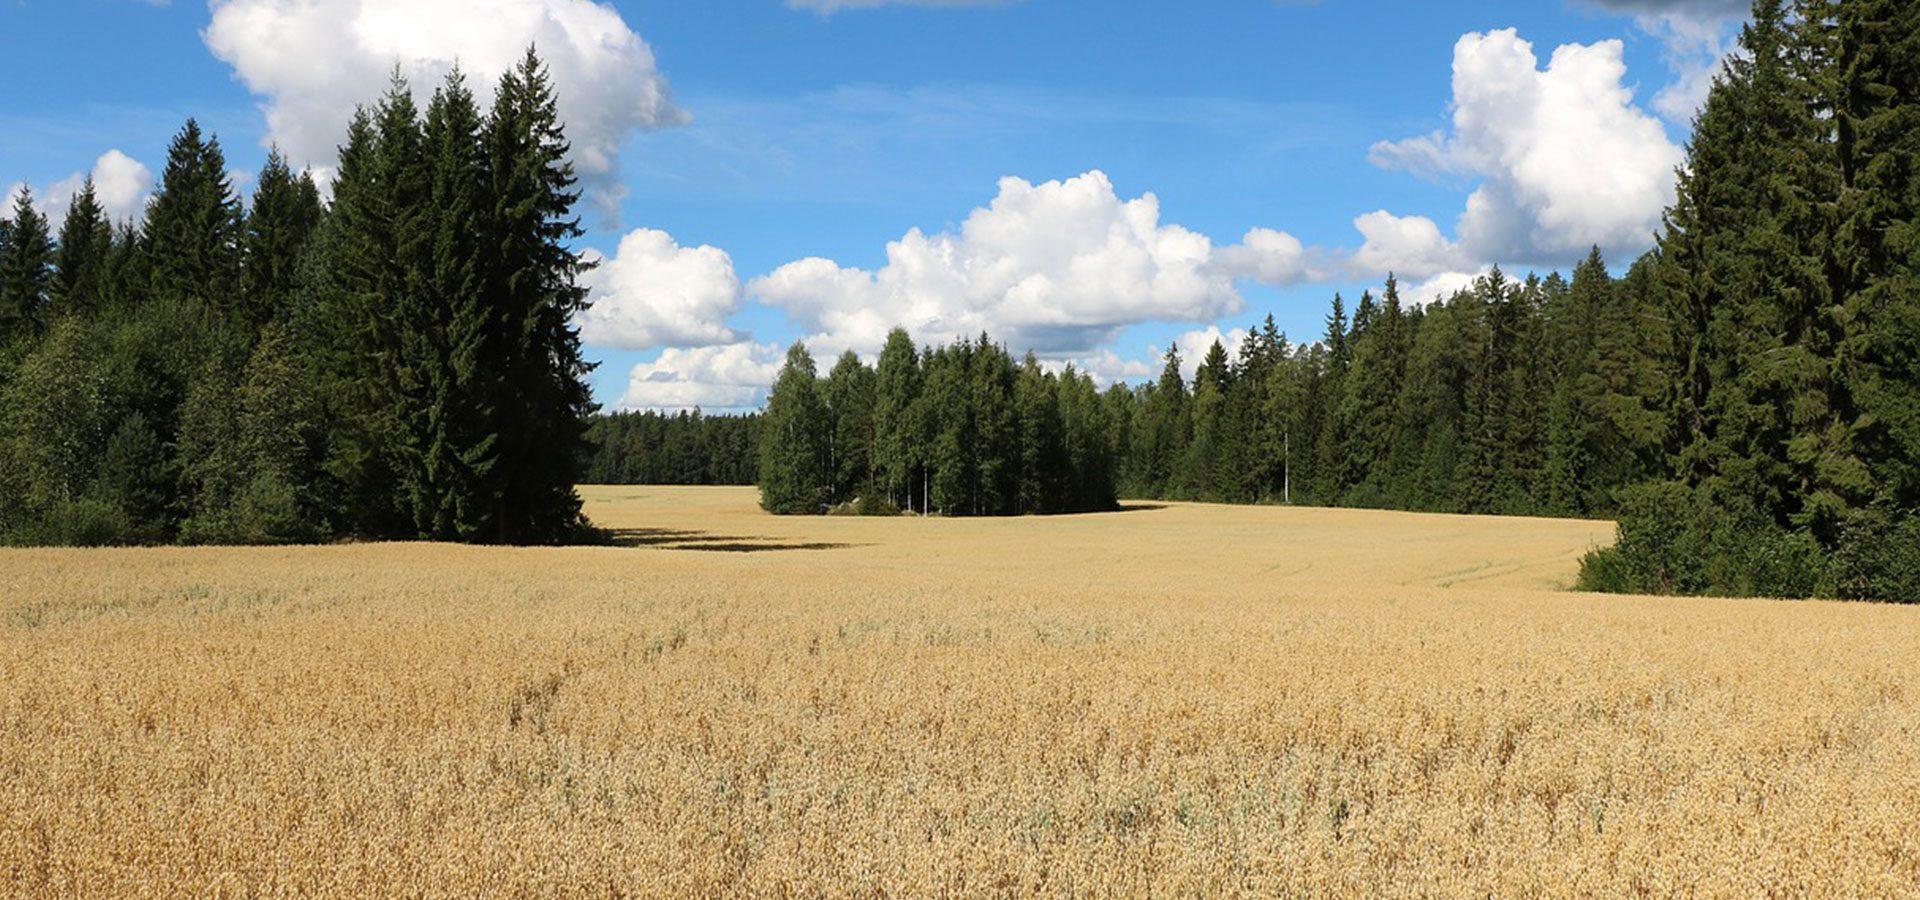 1920x900 oats field